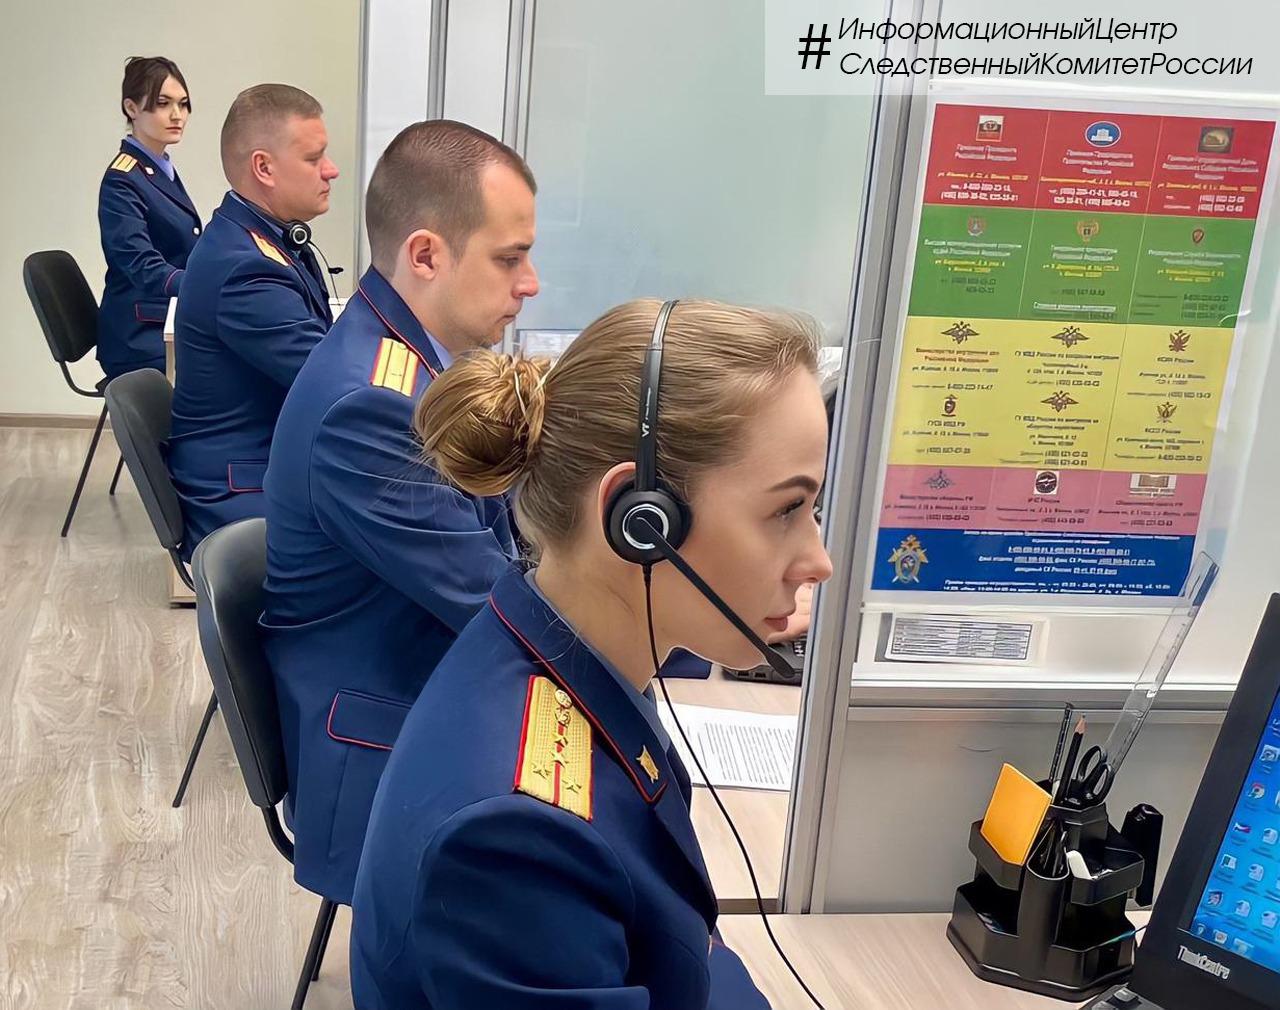 В Следкоме России для граждан доступна круглосуточная связь с Информационным центром